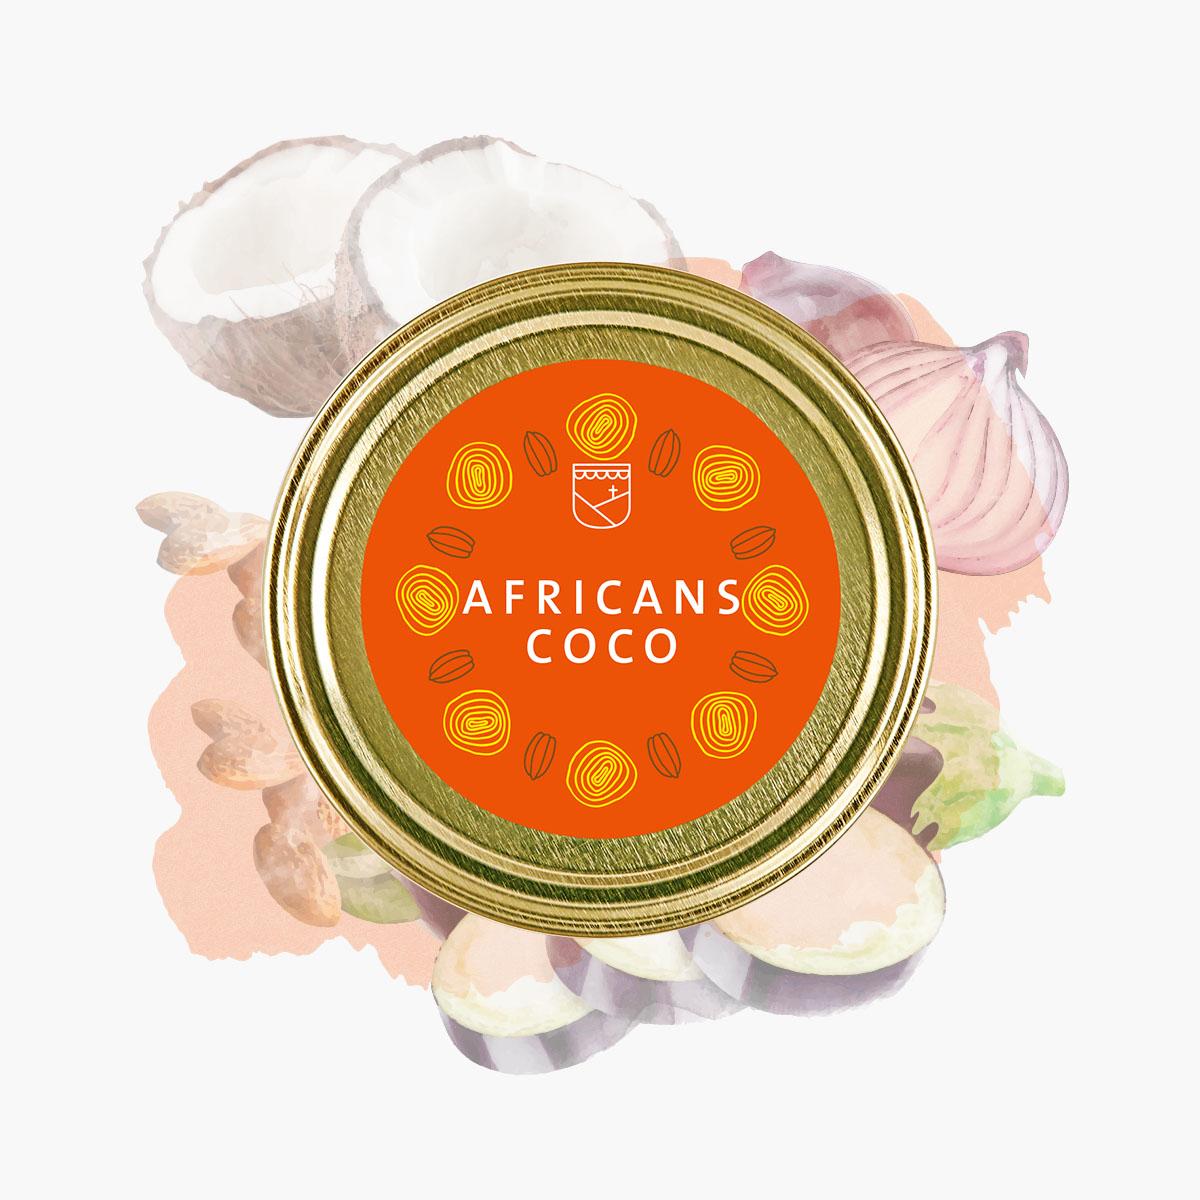 Africans Coco von Essendorfer